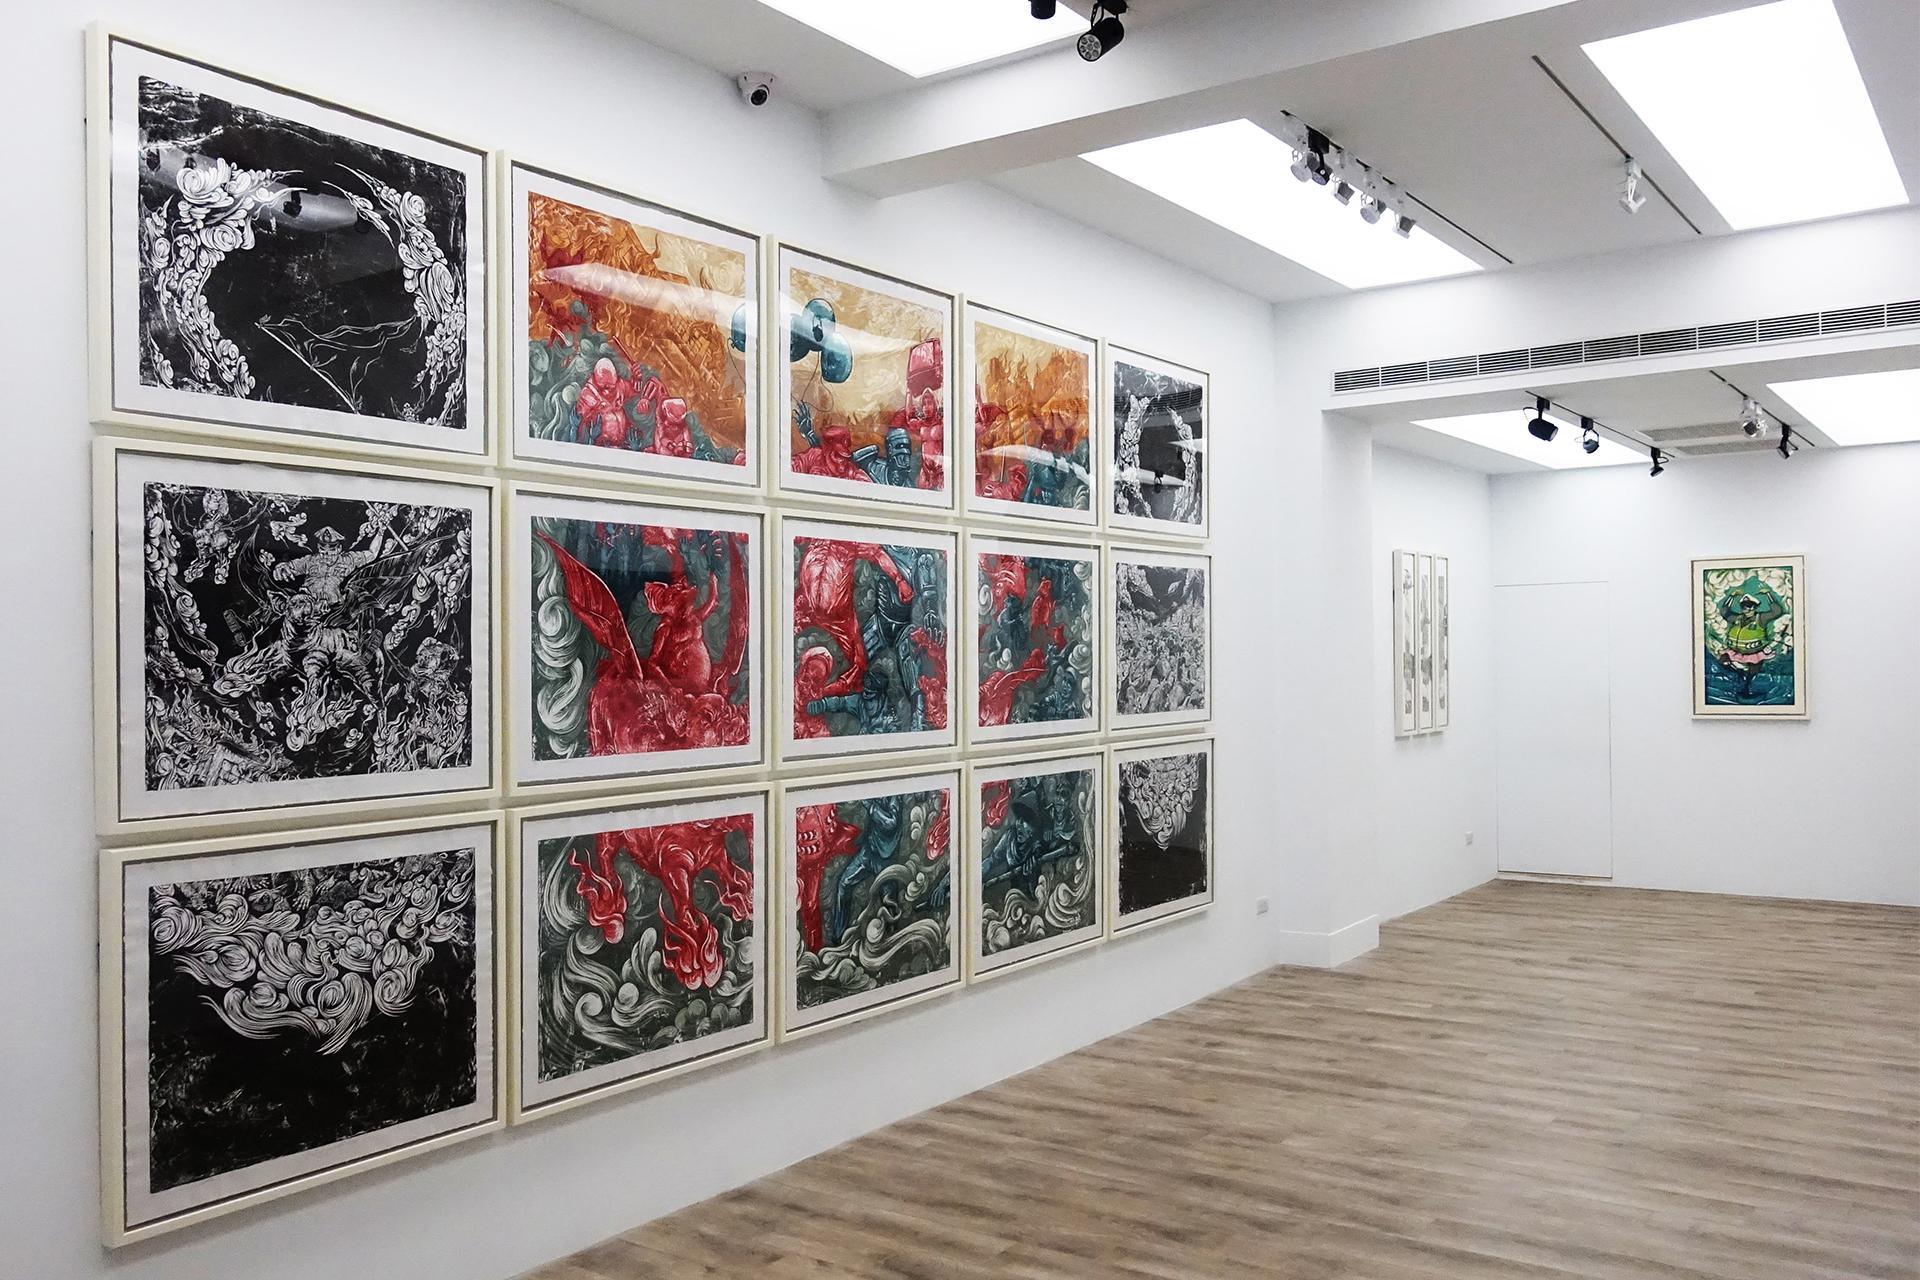 十方藝術空間展出印尼藝術家錫吉特・拉馬丹在台首次個展「紅翼之牆」。